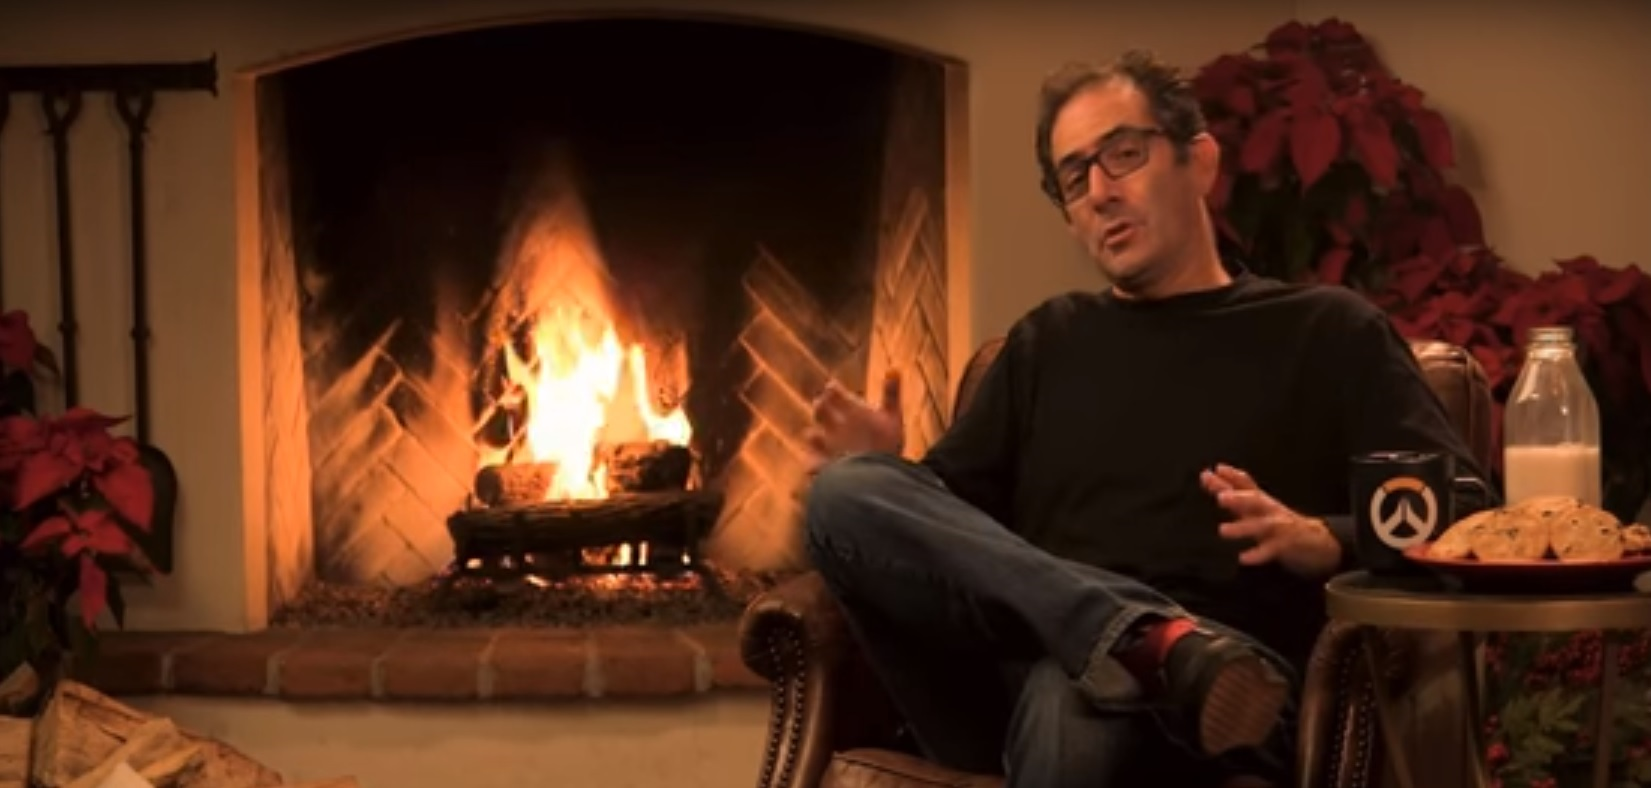 Jeff Kaplan Introduce il Nuovo Eroe di Overwatch Nello Stream di Natale (PS: Sta Trollando)